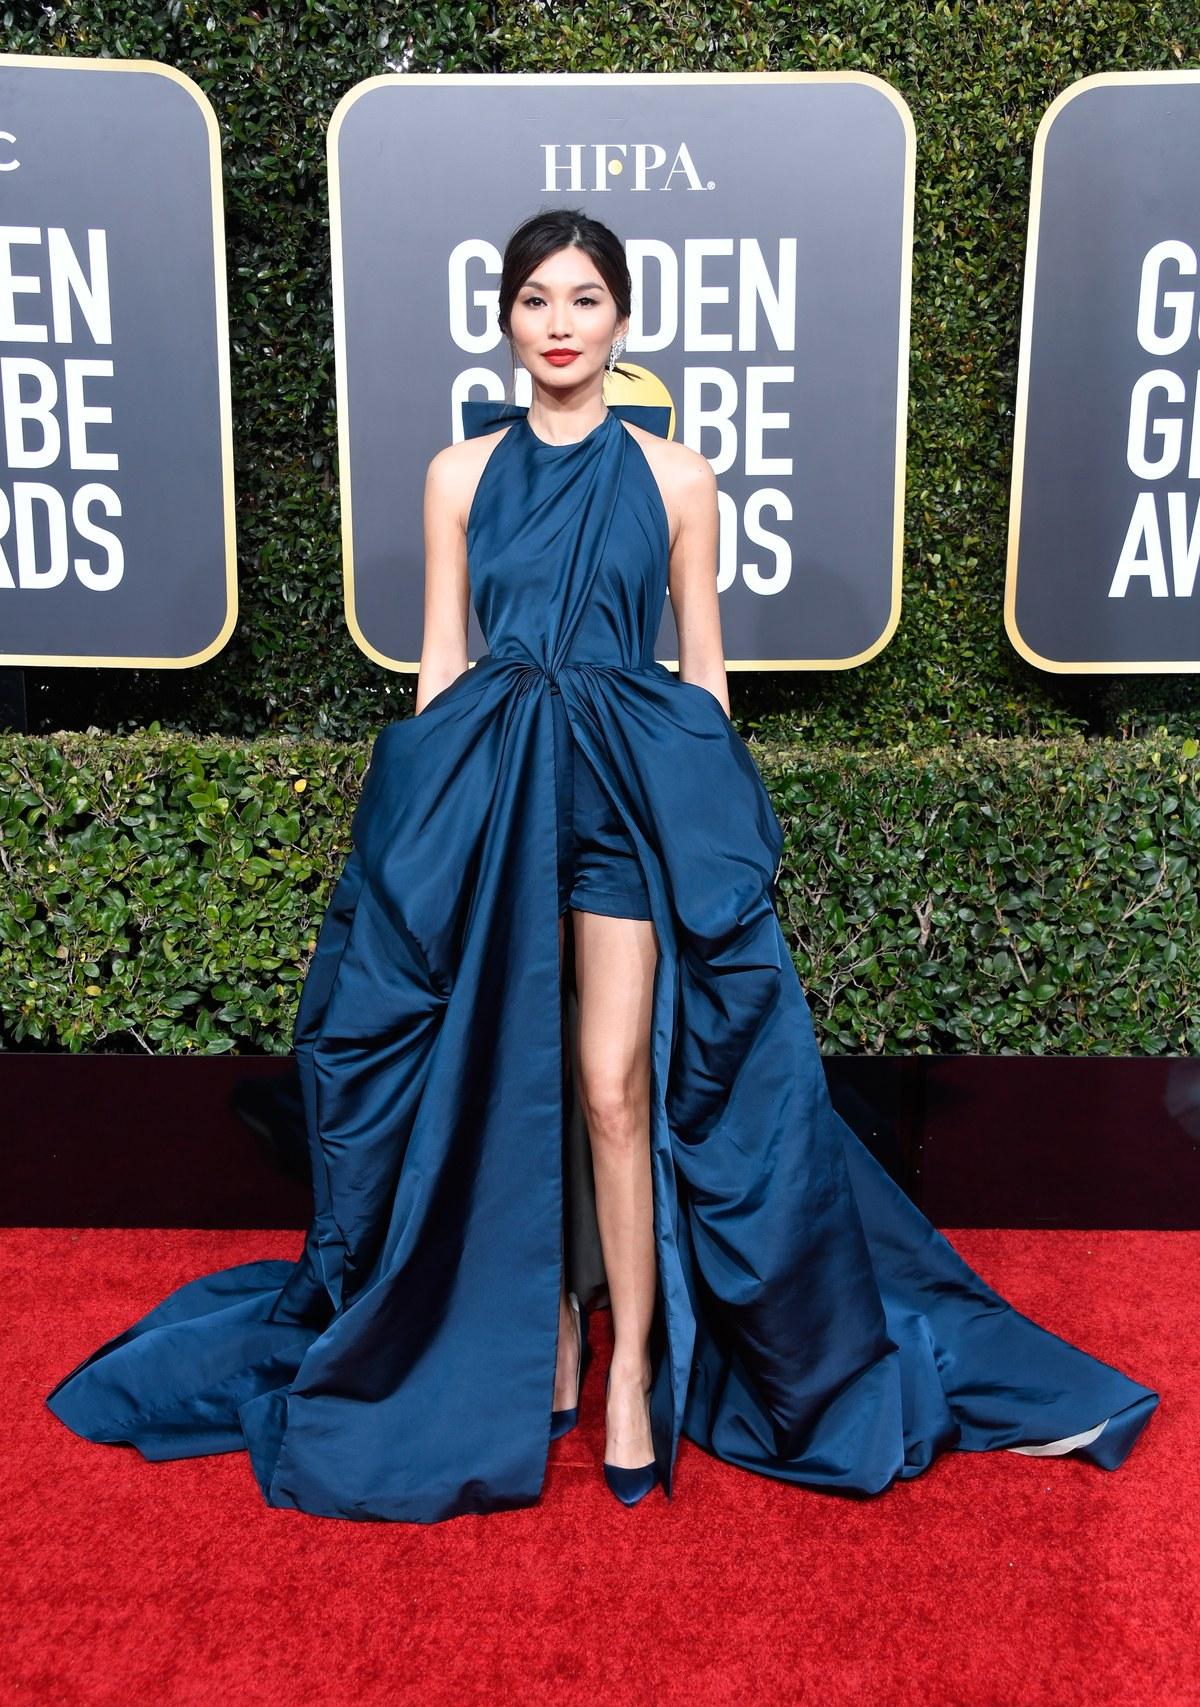 Gemma Chan wearing Valentino Golden Globes